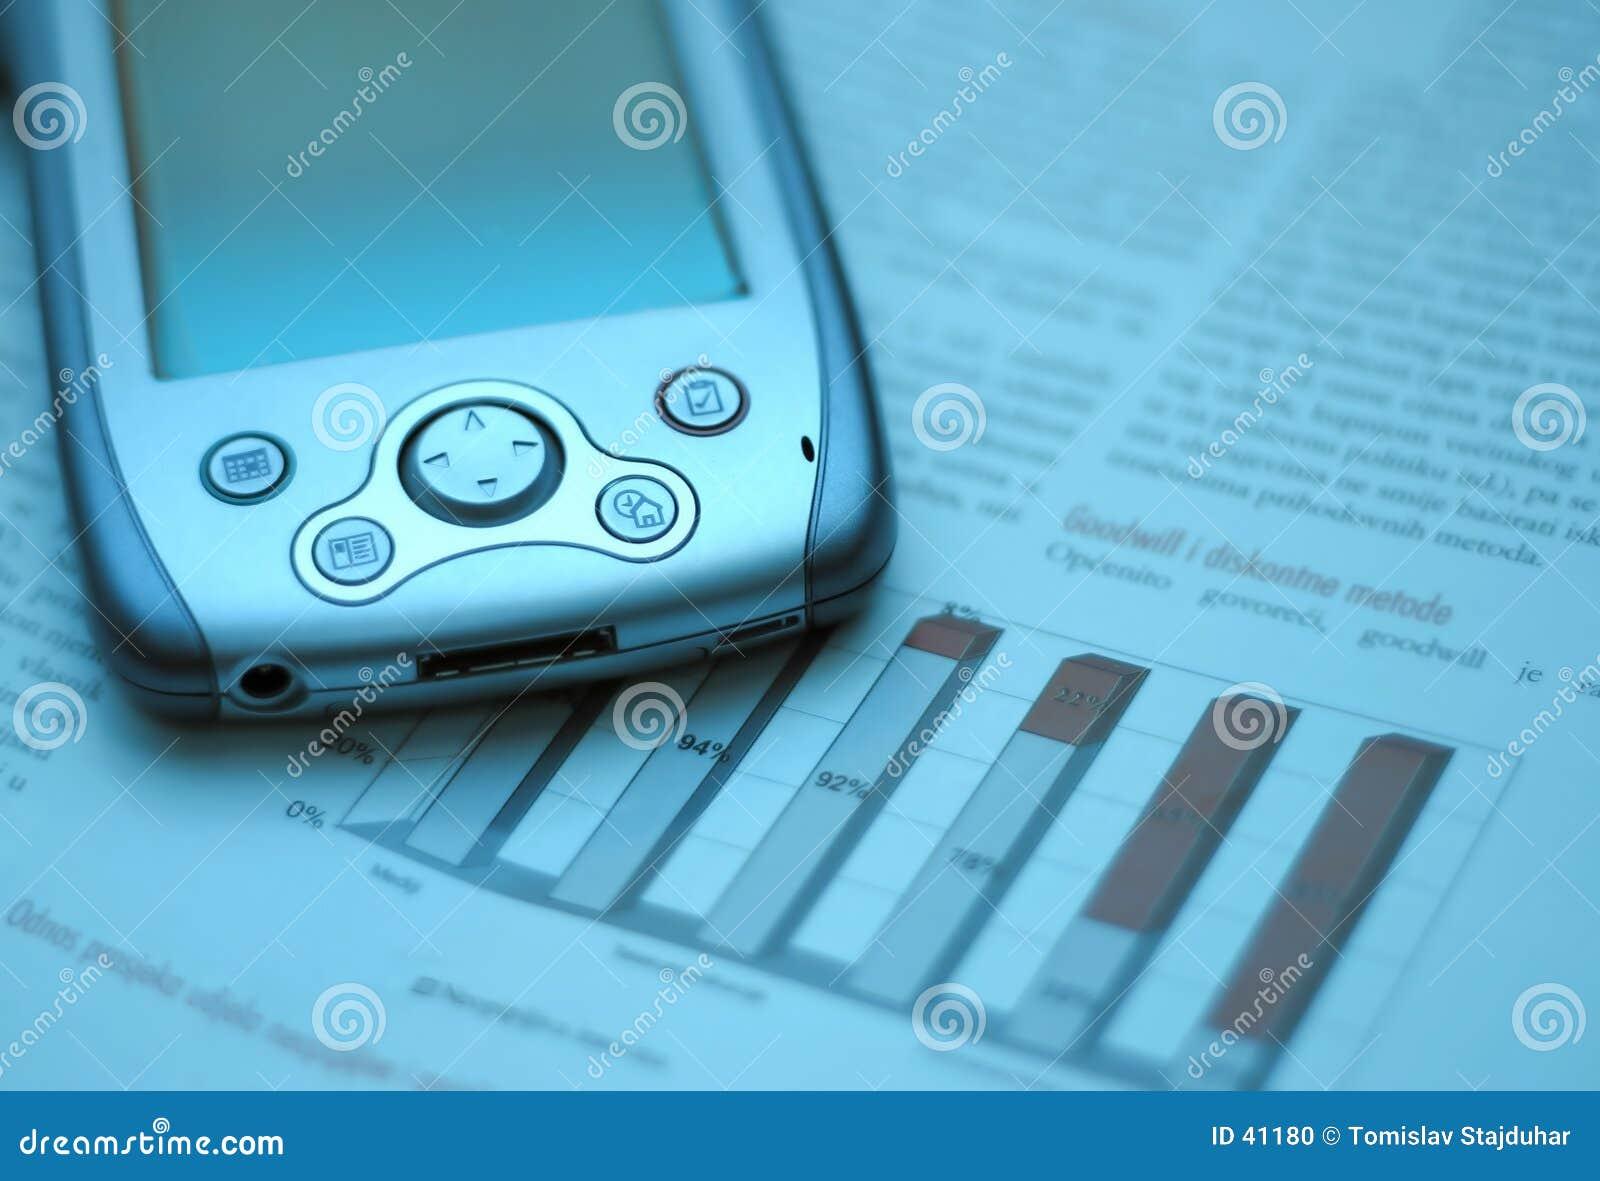 stock market business financial chart blue